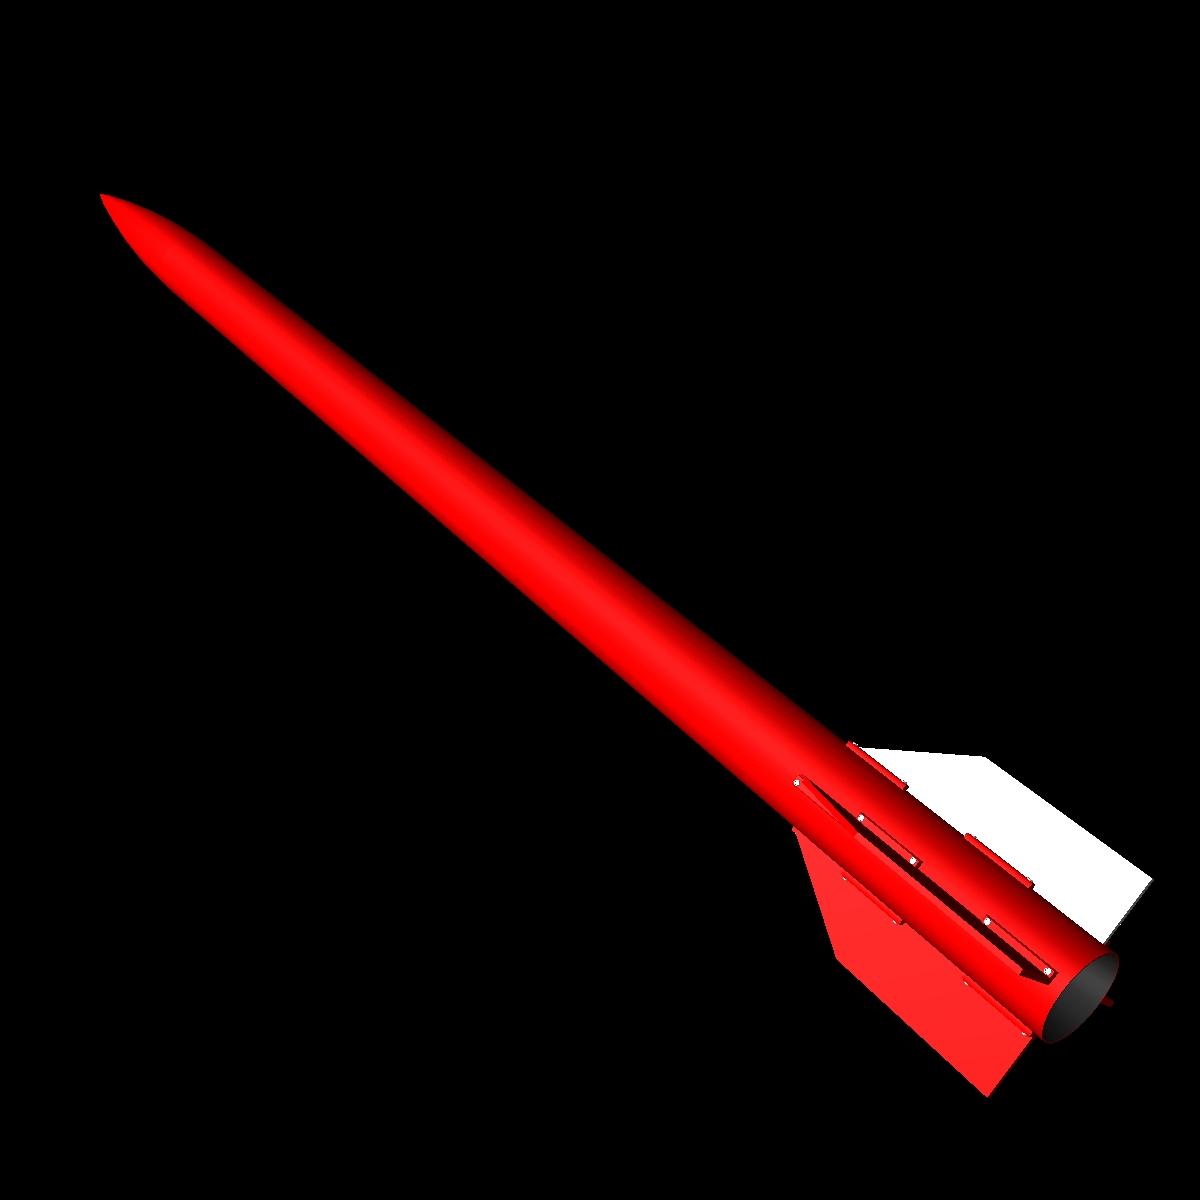 melns brant vi skan raķete 3d modelis 3ds dxf cob x obj 150678